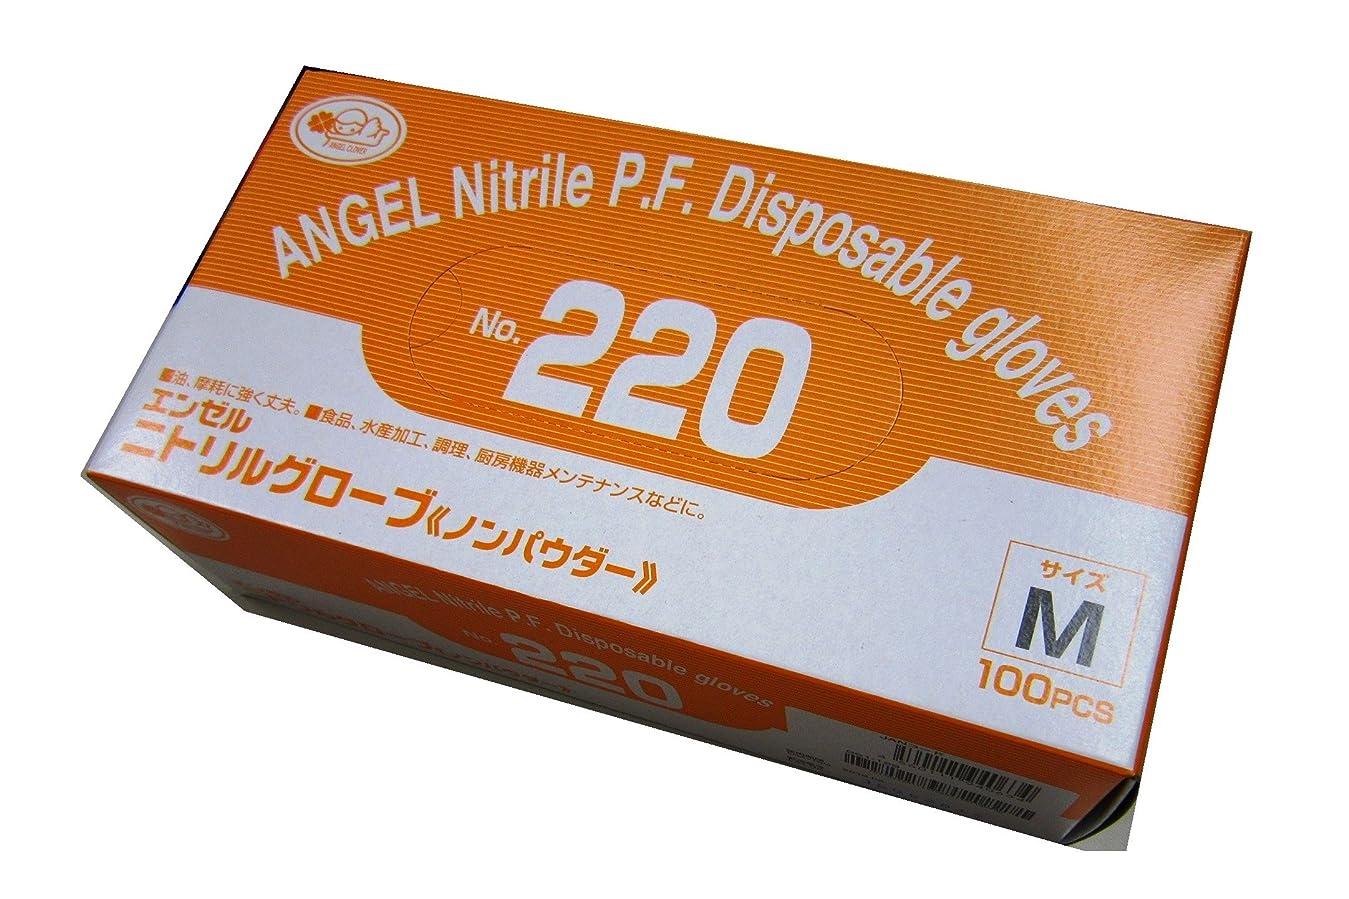 課す現在解釈サンフラワー No.220 ニトリルグローブ ノンパウダー ホワイト 100枚入り (M)